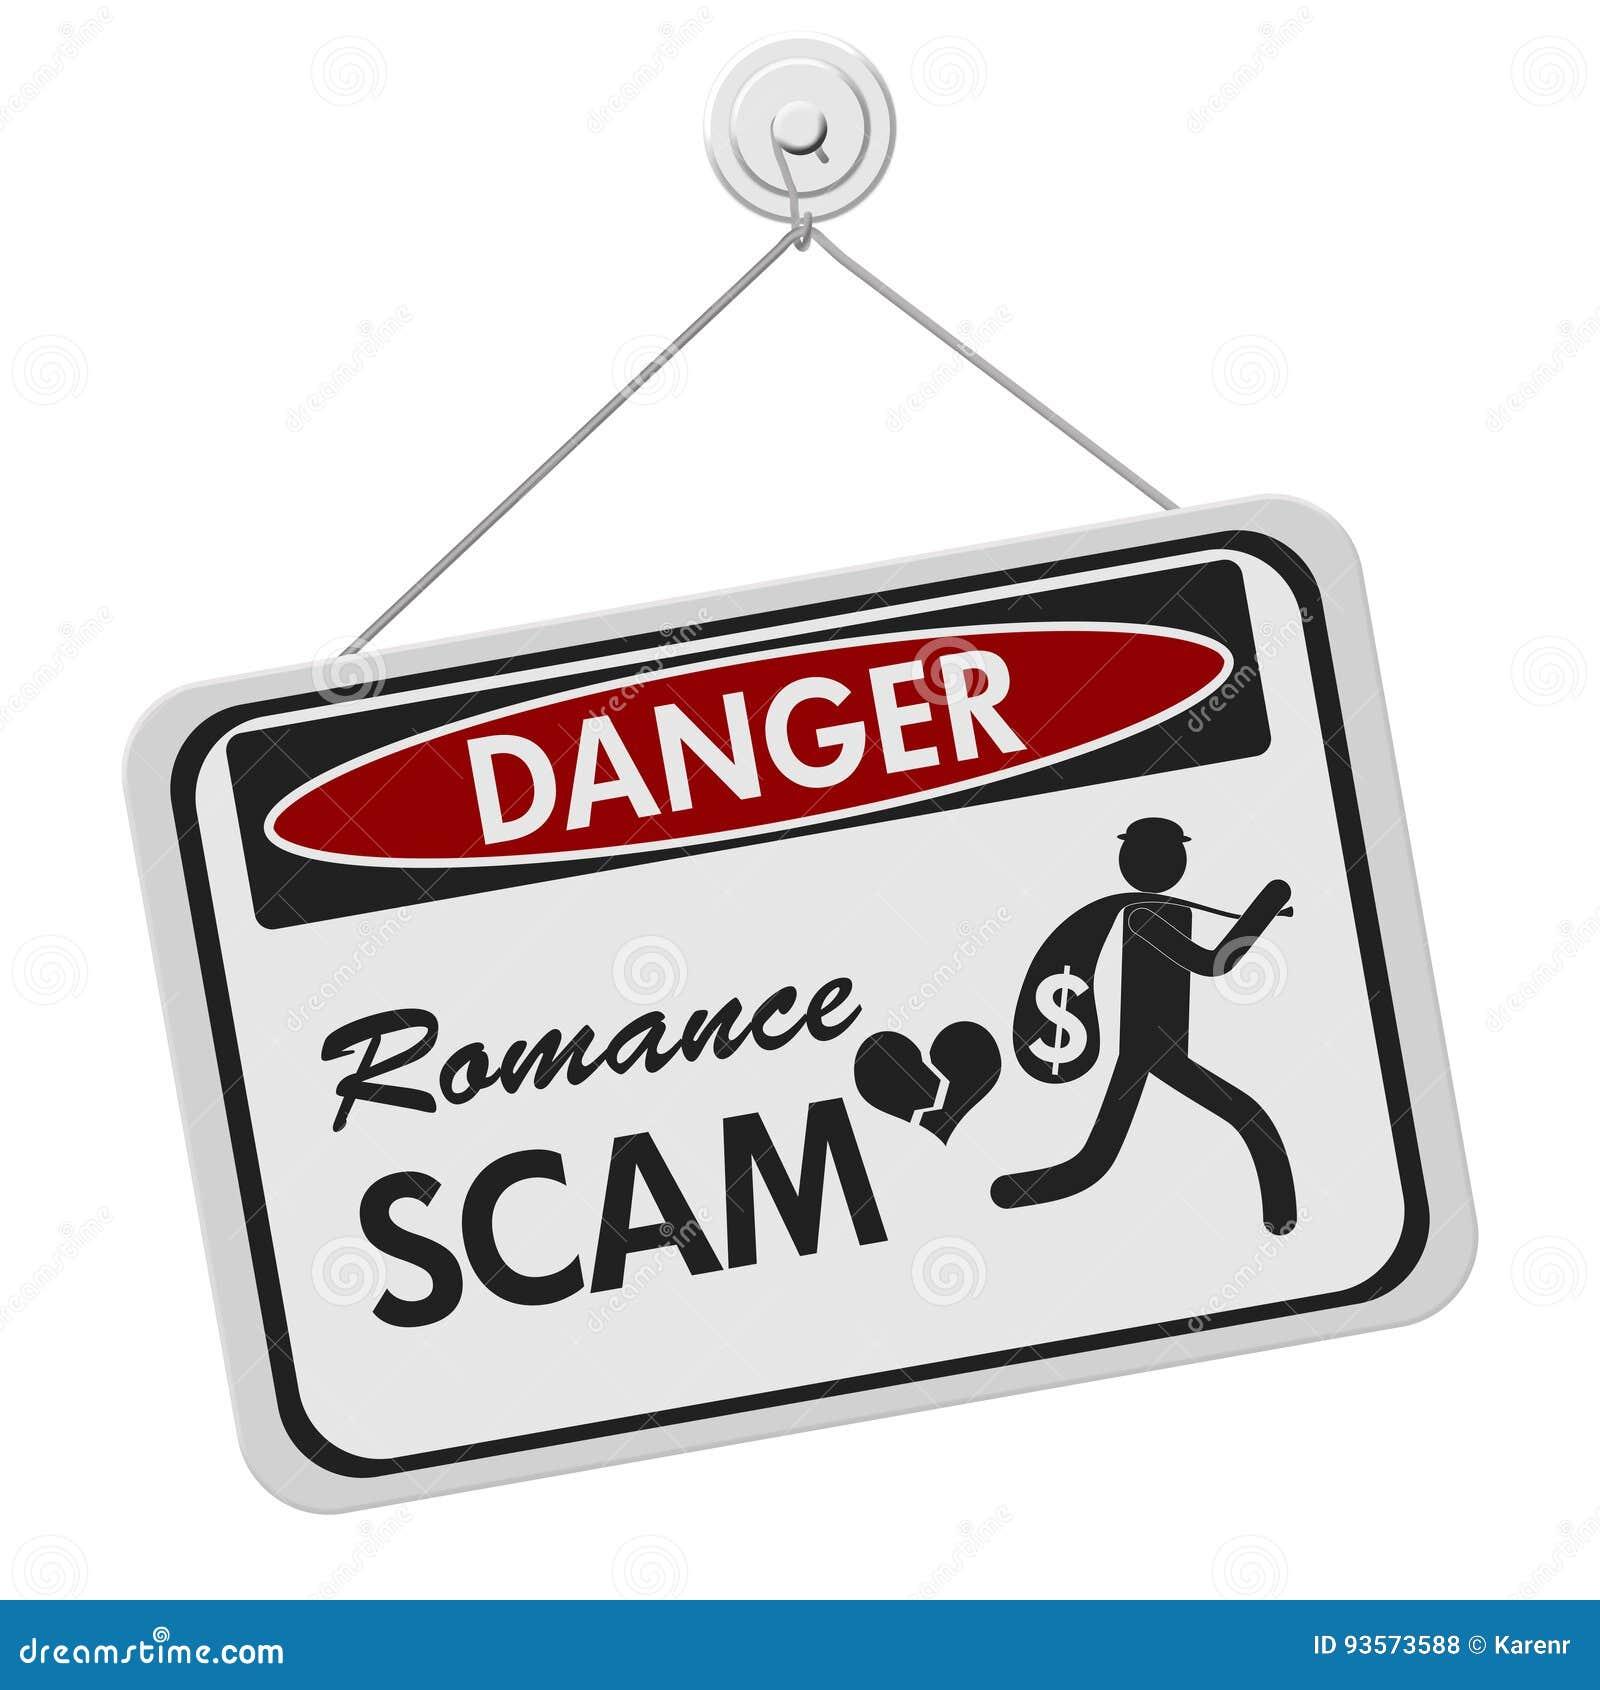 Scam romance 5 Romance